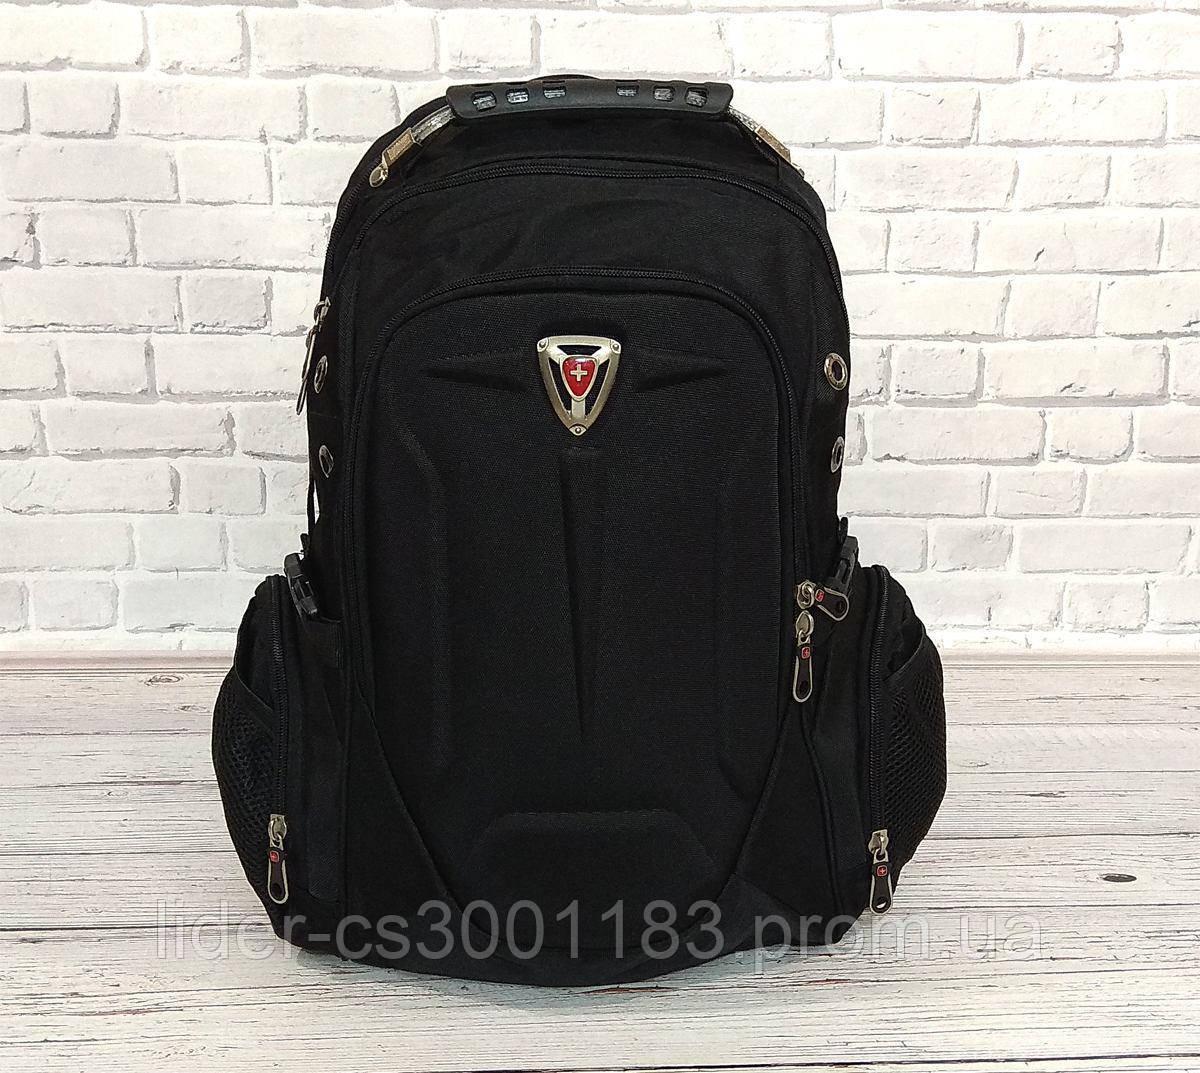 Місткий рюкзак SwissGear Wenger, свисгир. Чорний. 35L / s7655 black